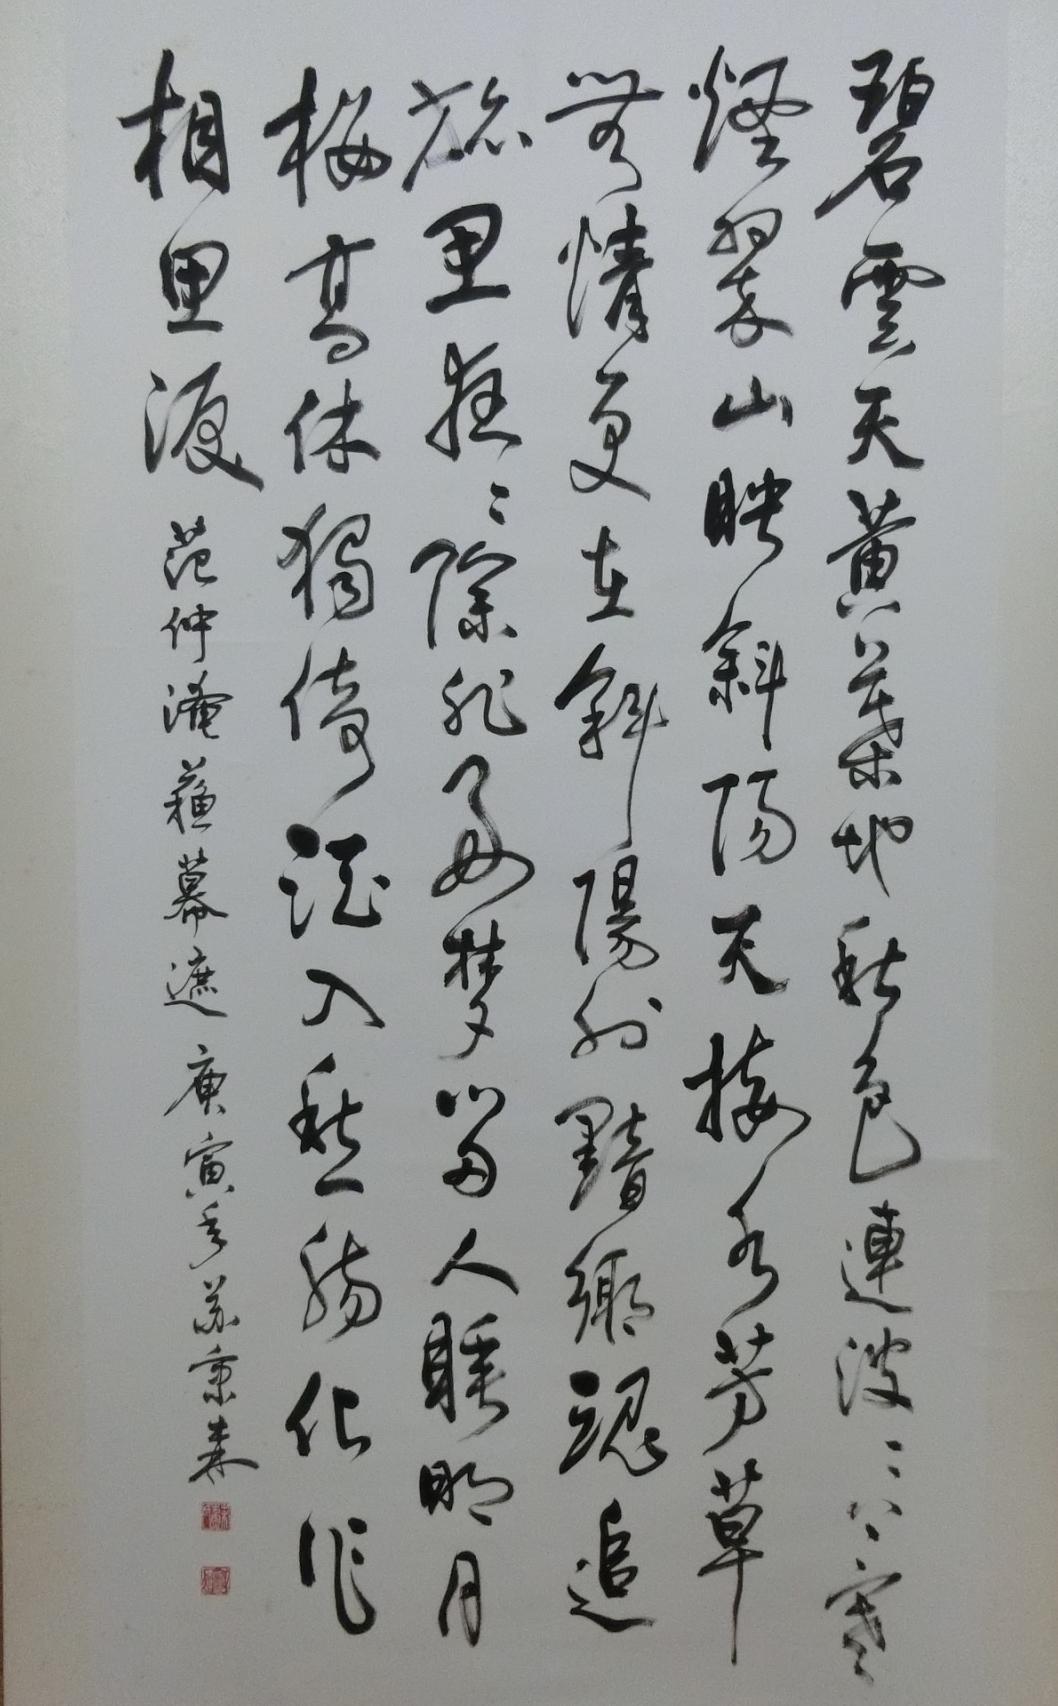 7/6-7/18【蘇秉森書法個展】